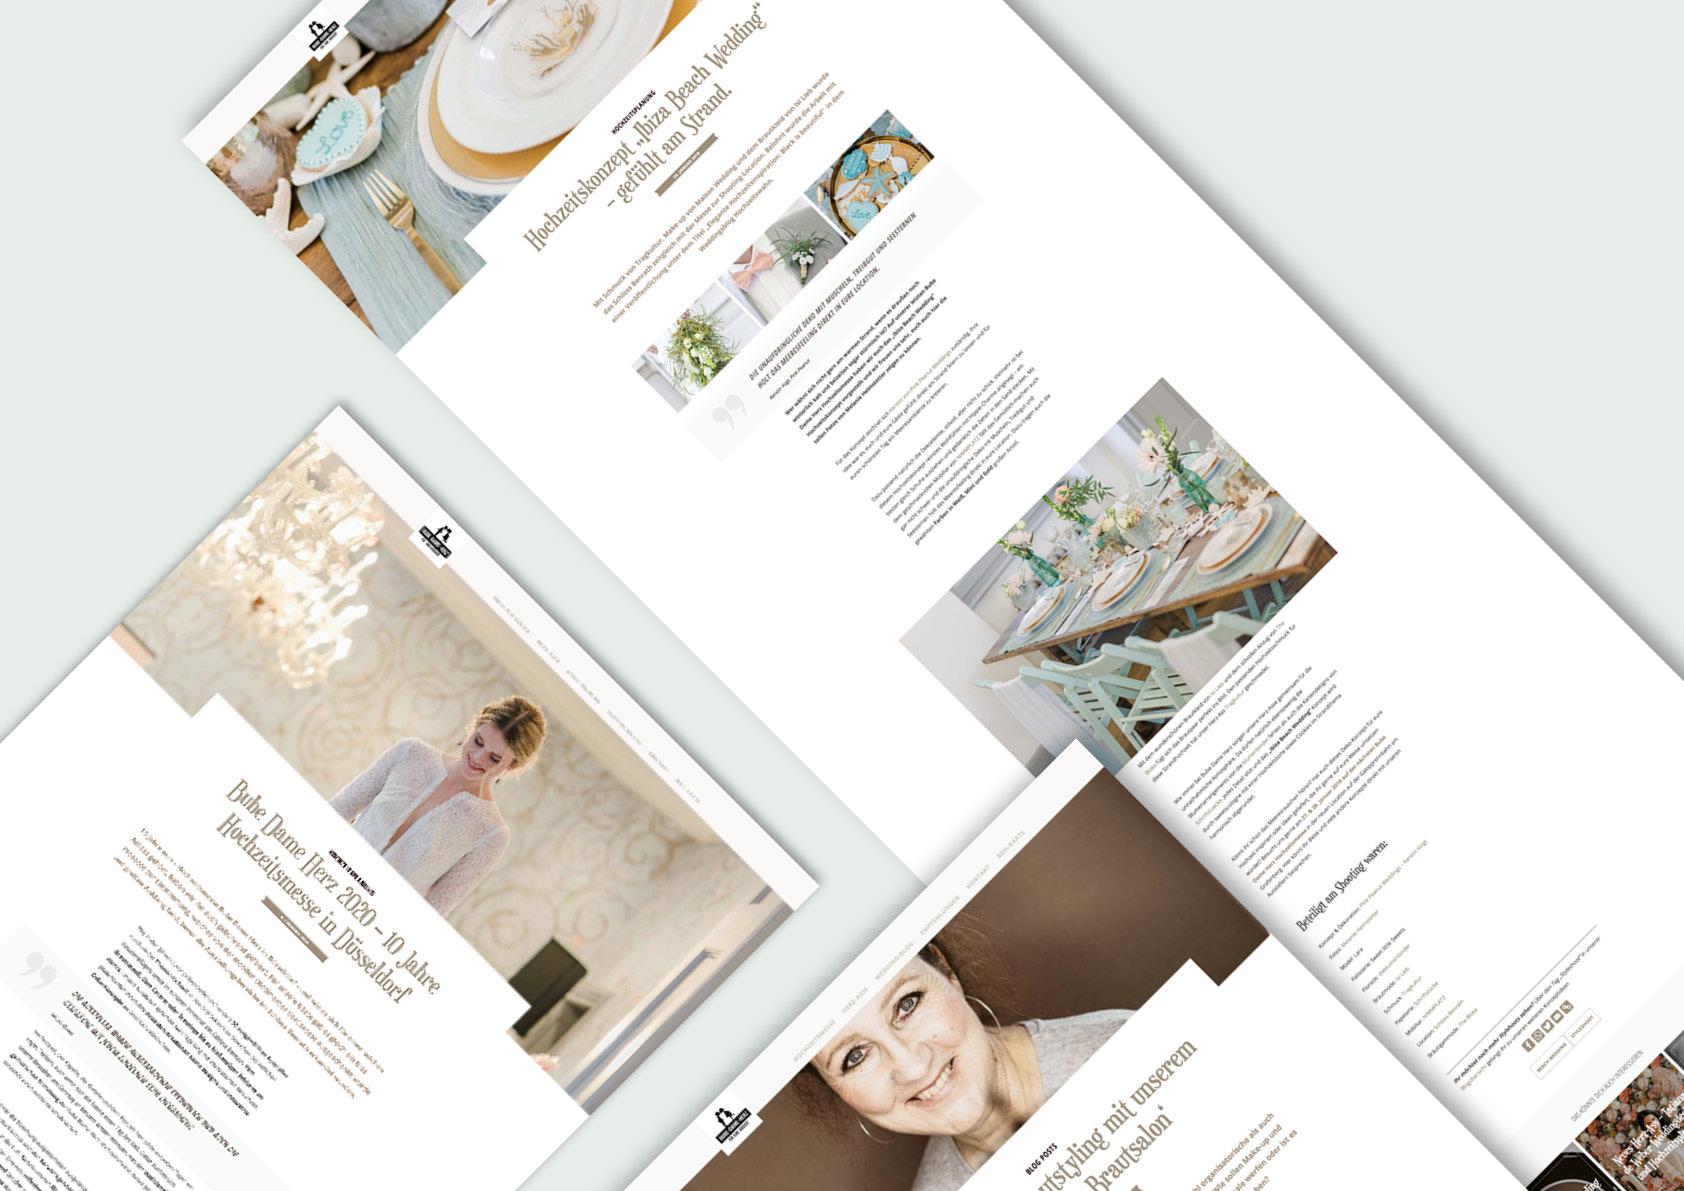 Verschiedene Blog-Artikel unserer neuen BDH-Website.